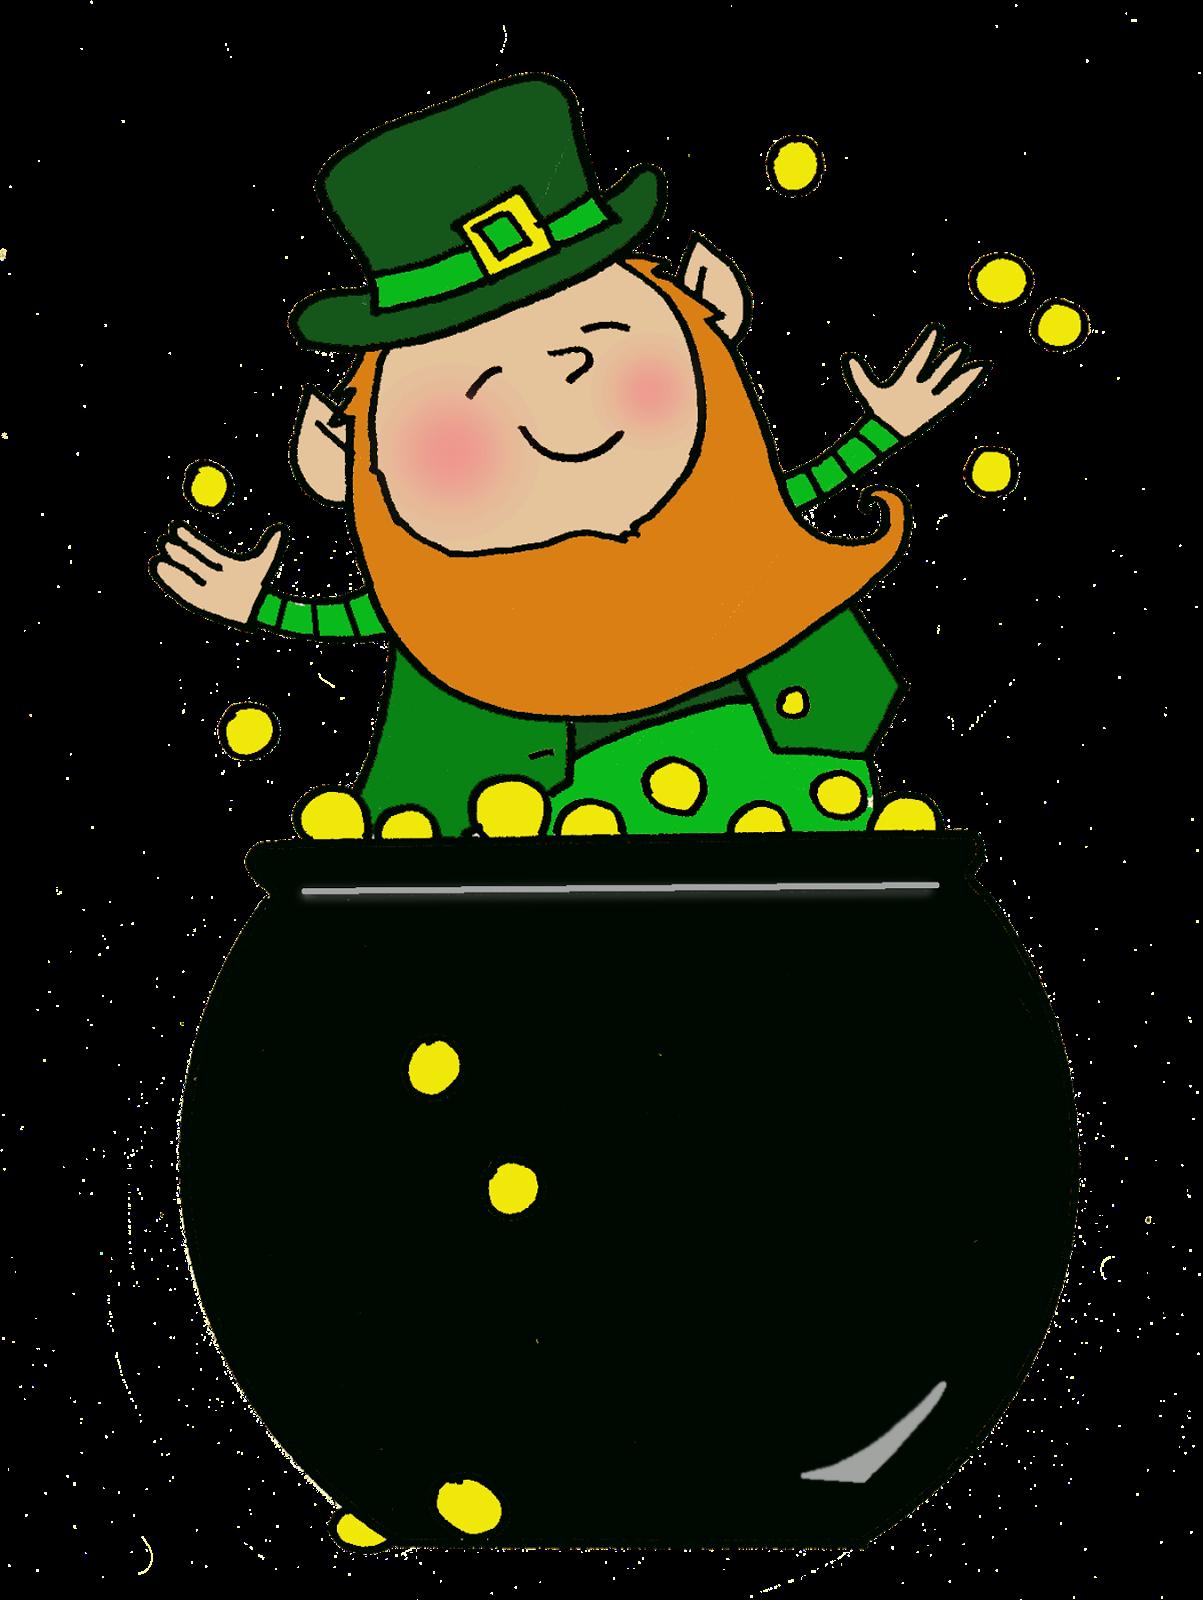 pot of gold leprechaun png 1203 1600 clip art gifs 4 rh pinterest com  free leprechaun pot of gold clipart